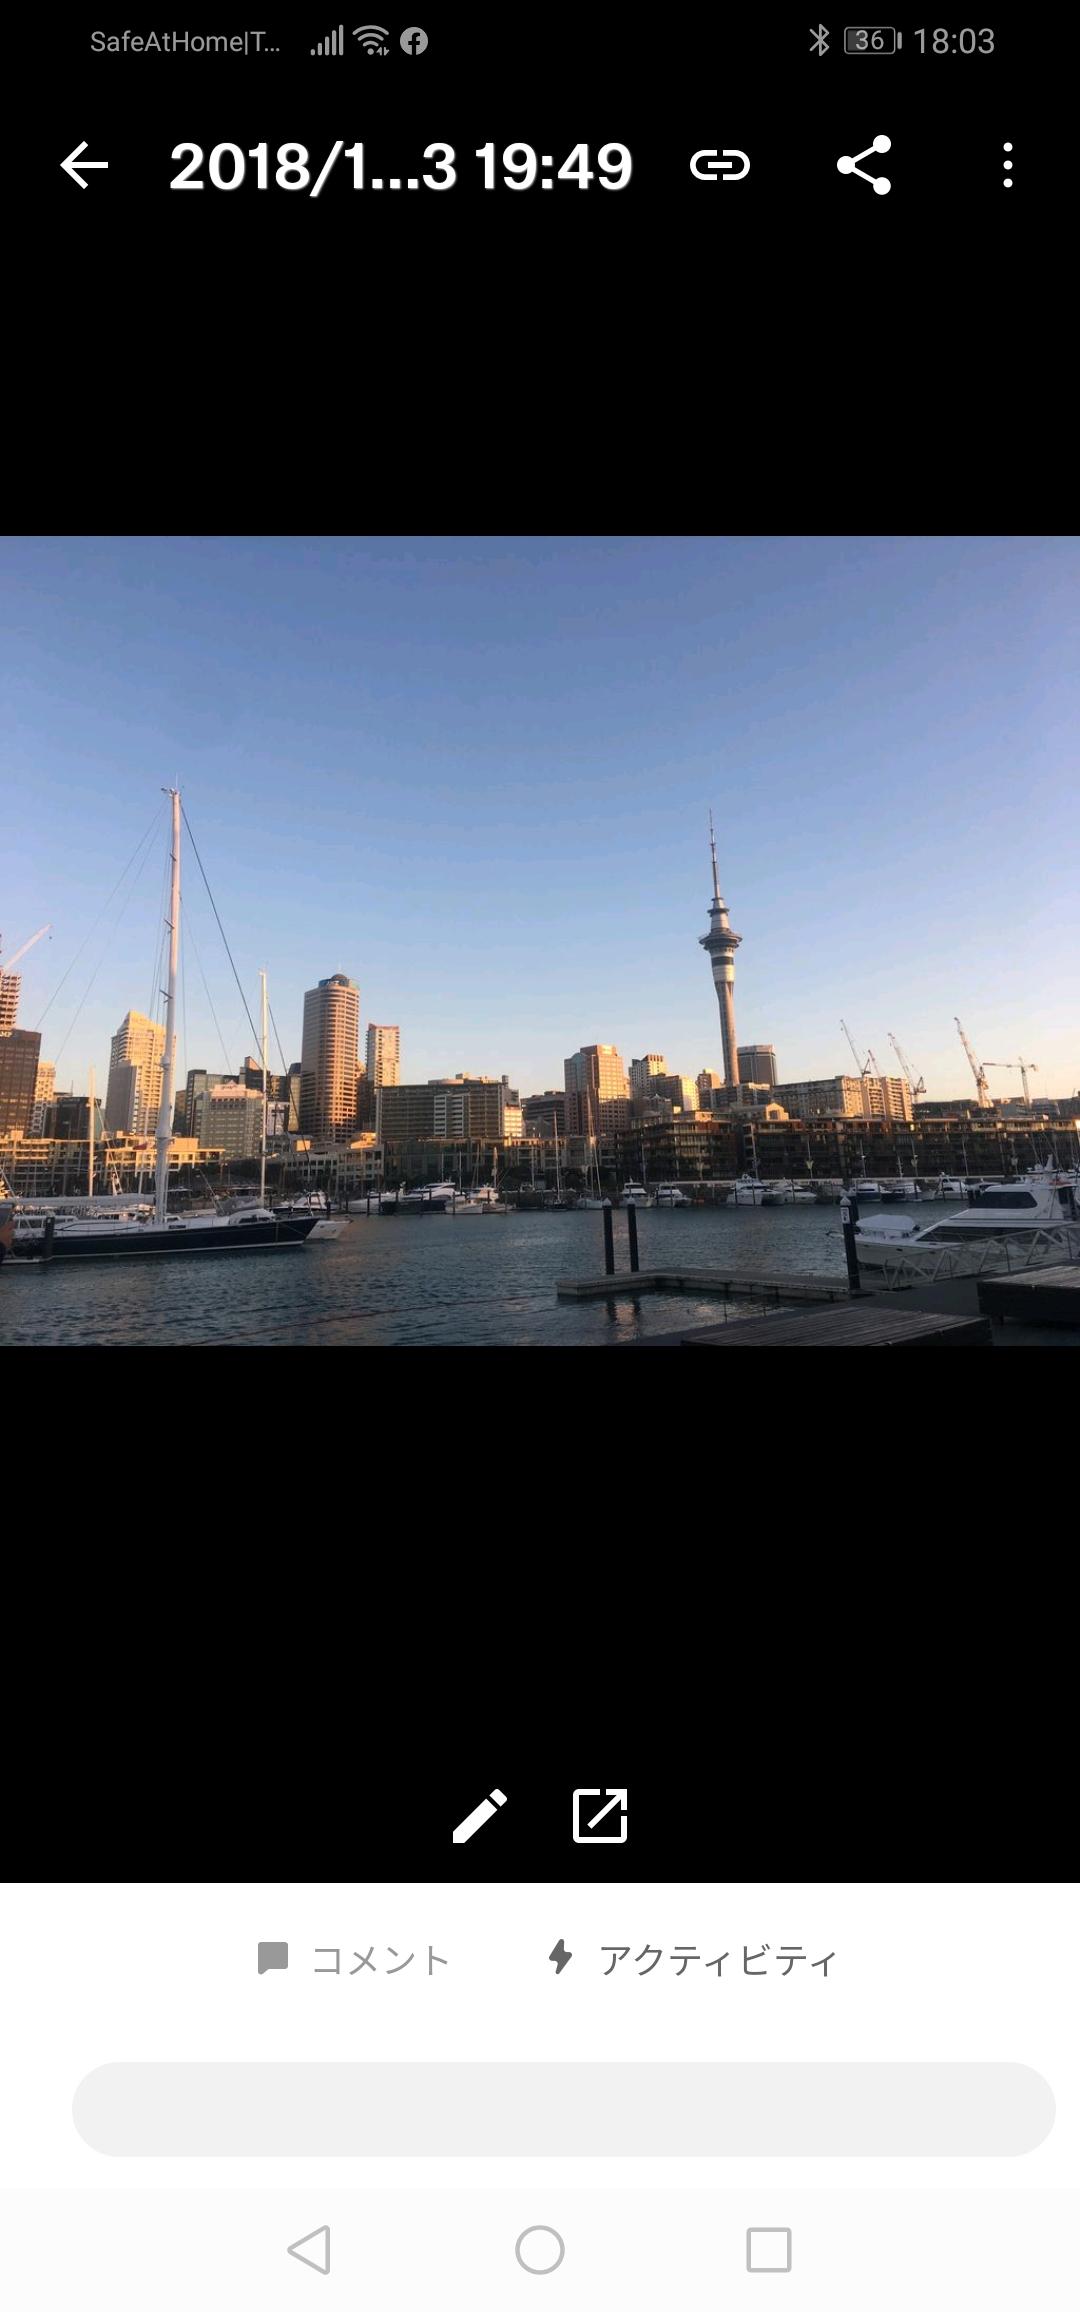 ニュージーランド,オークランド,ヒッチハイク,野宿,テント,2人旅,ファンガレイ,ケリケリ,count down,pak'n' save,パッカンセーブ,辛ラーメン,sail boat